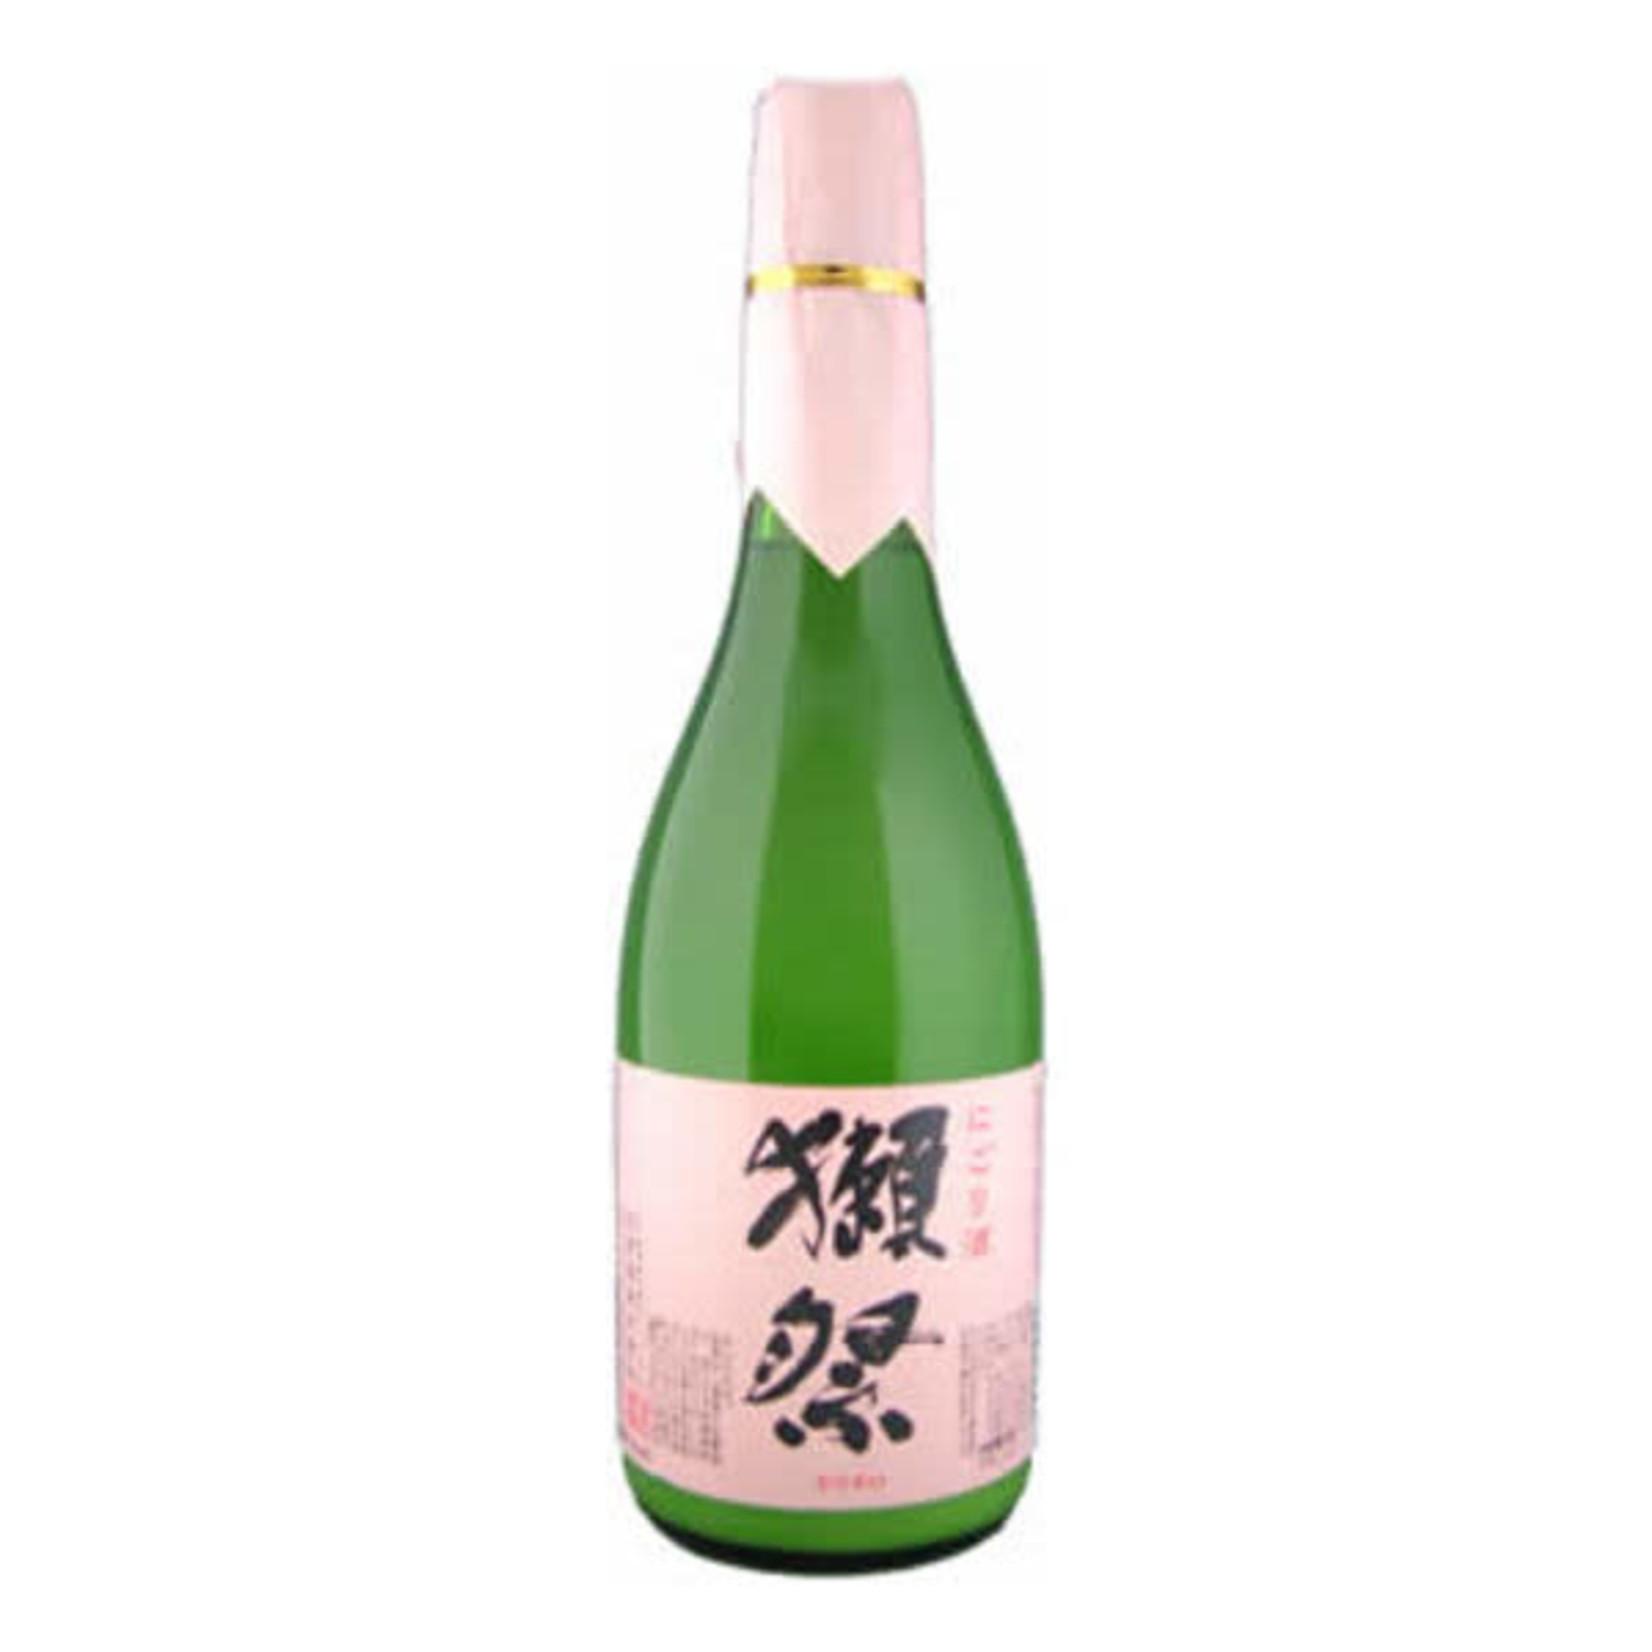 Sake Dassai 45 Junmai Daiginjo Nigori Sake 300ml